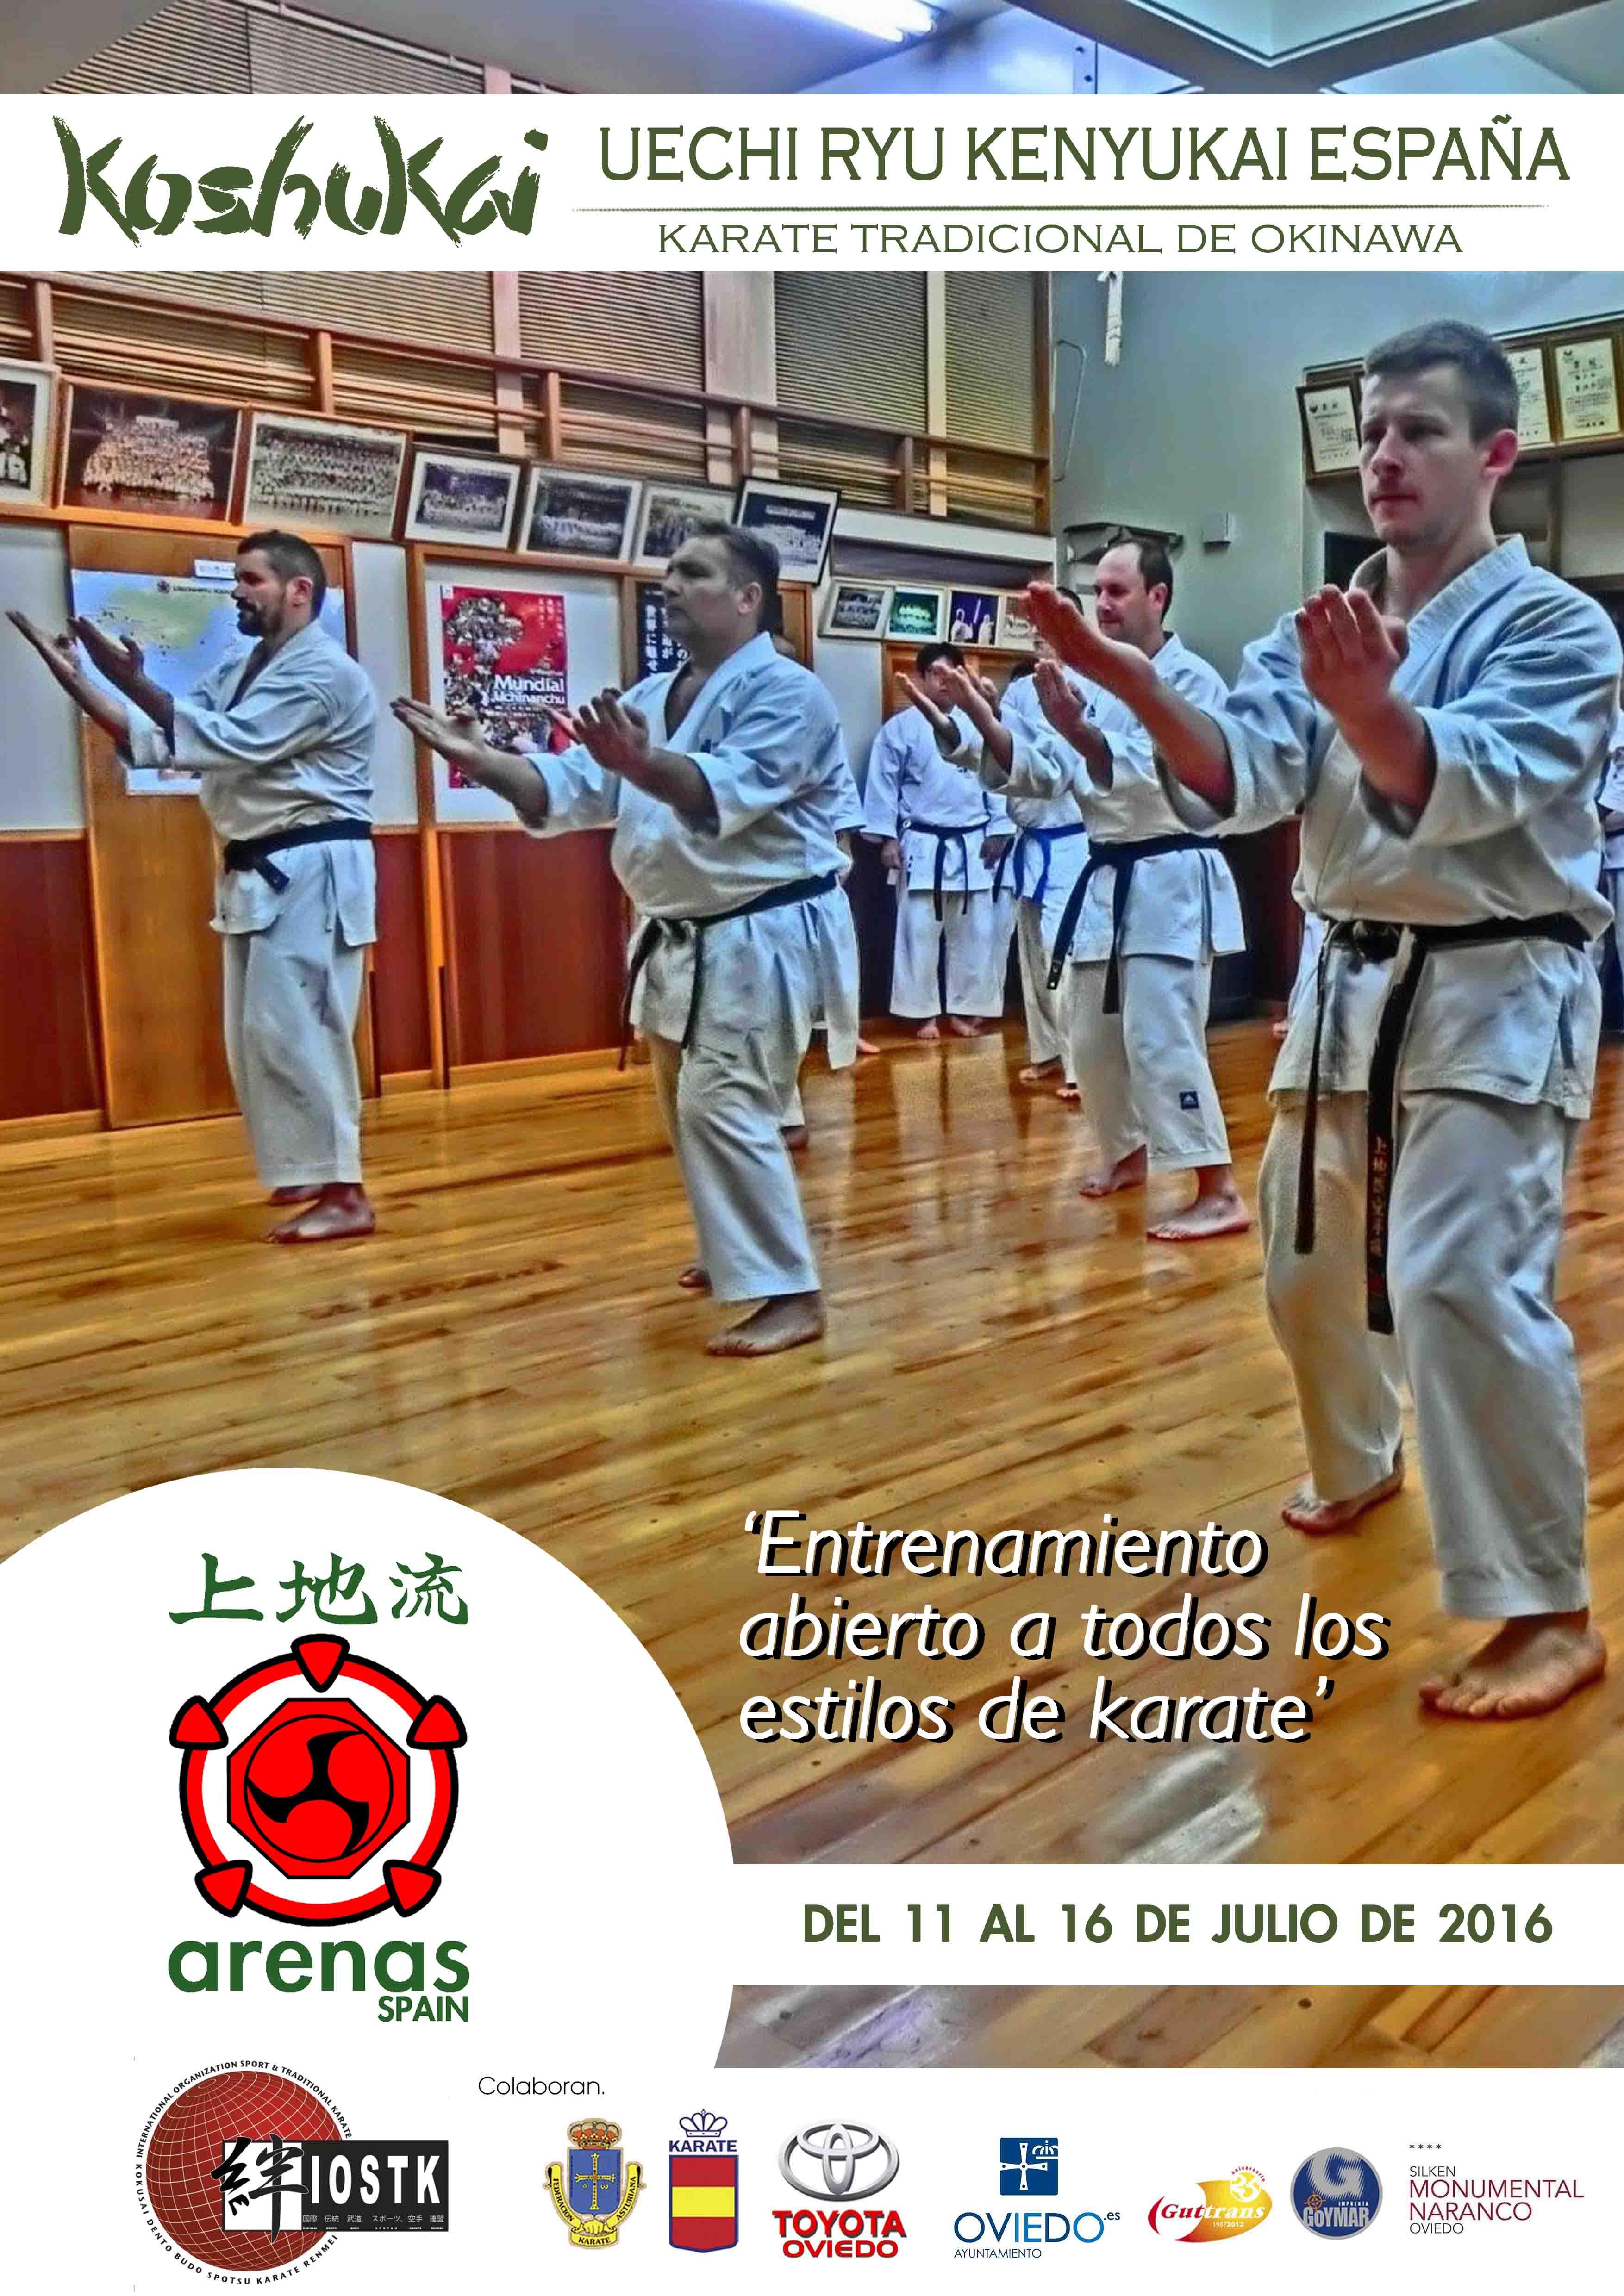 Koshukai de Uechi Ryu Kenyukai – Karate de Okinawa